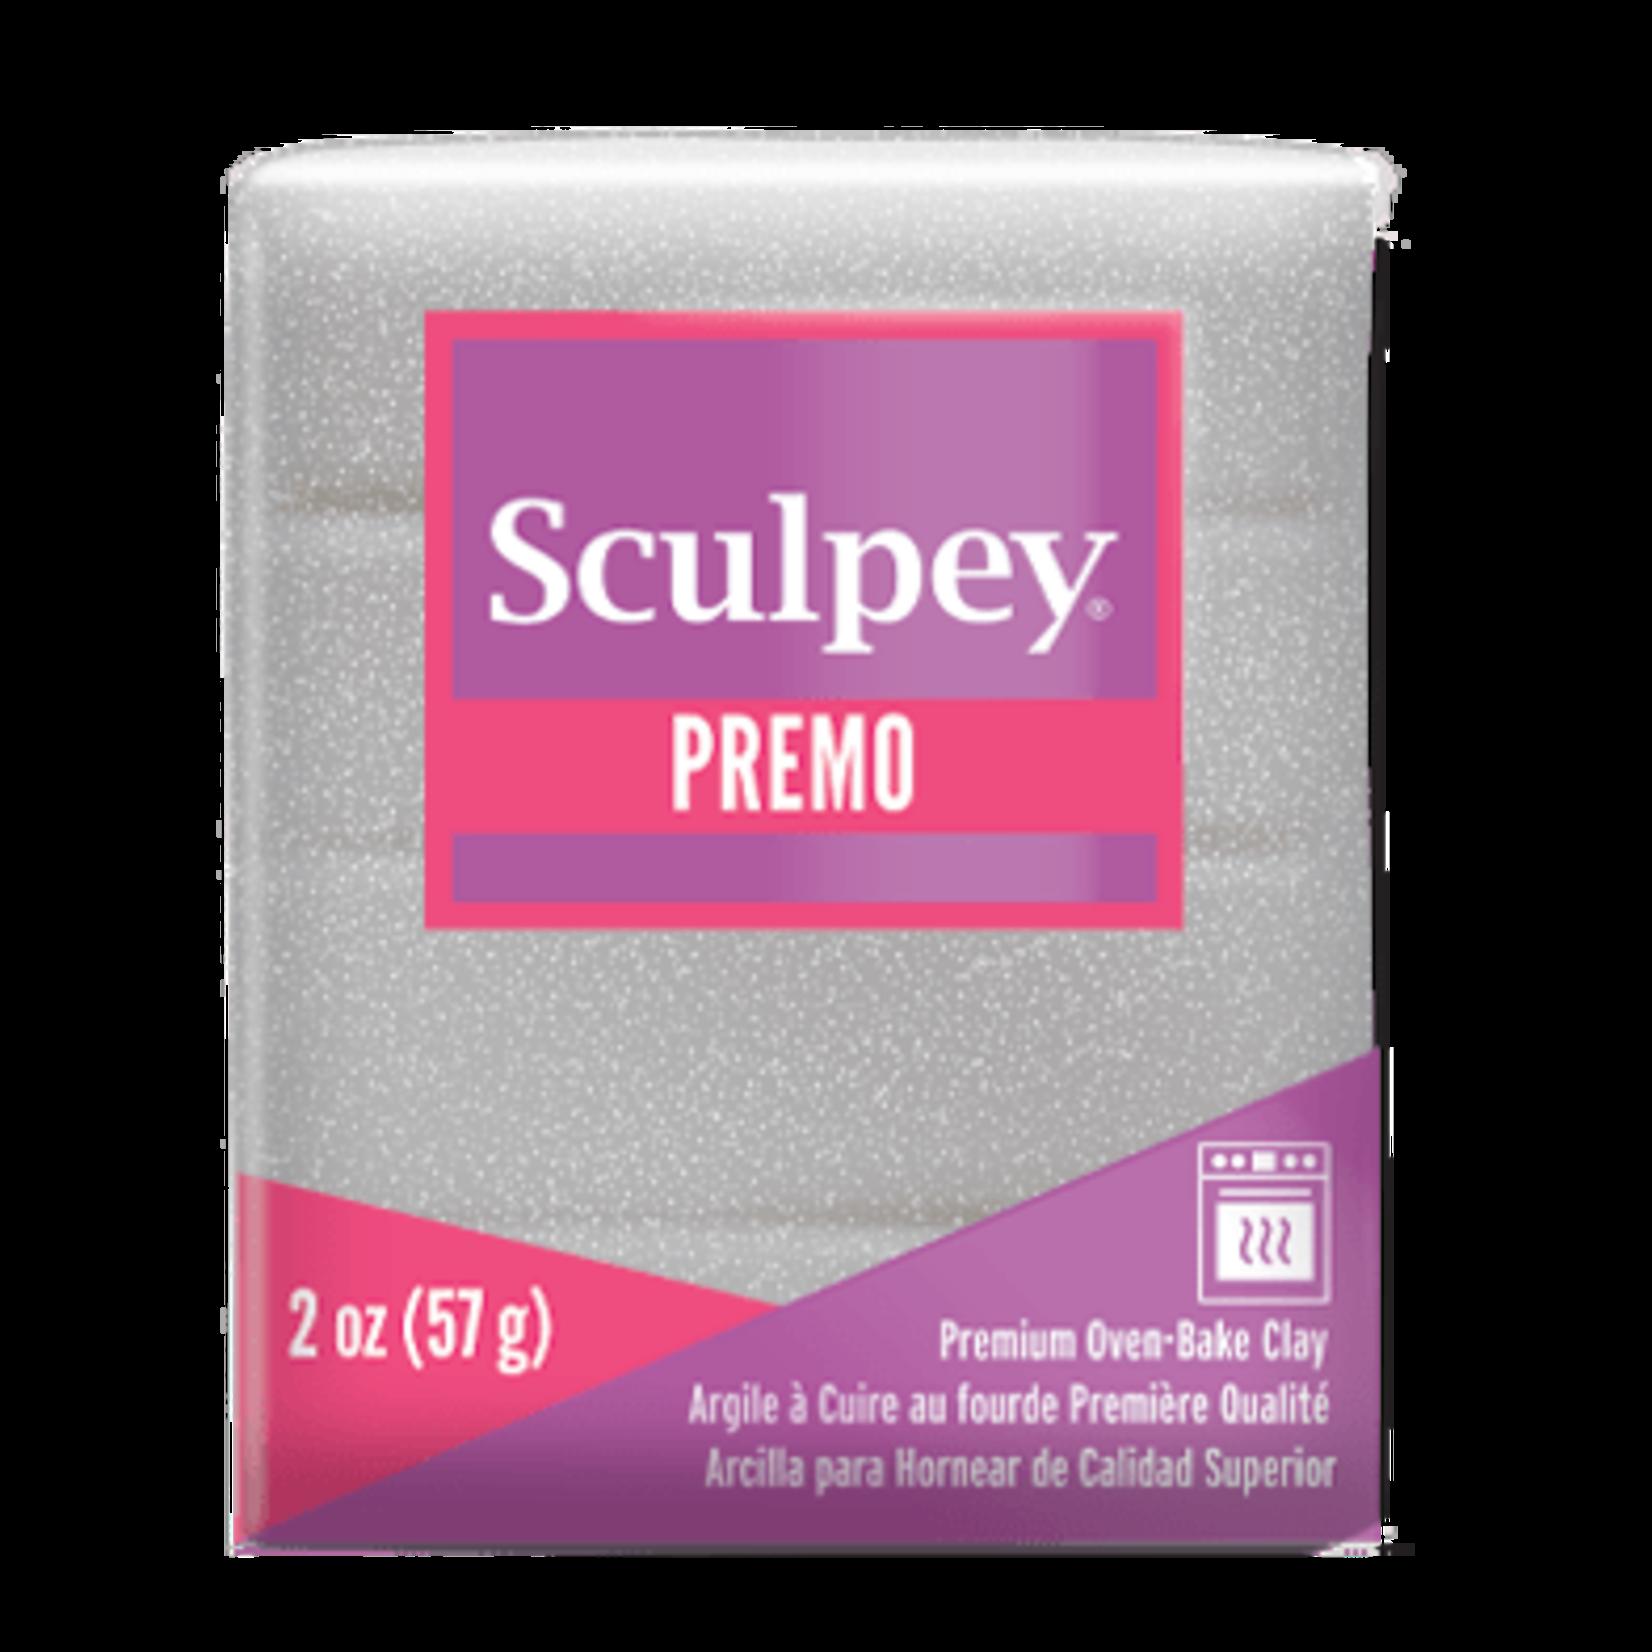 Sculpey Sculpey Premo   -- White Gold Glitter